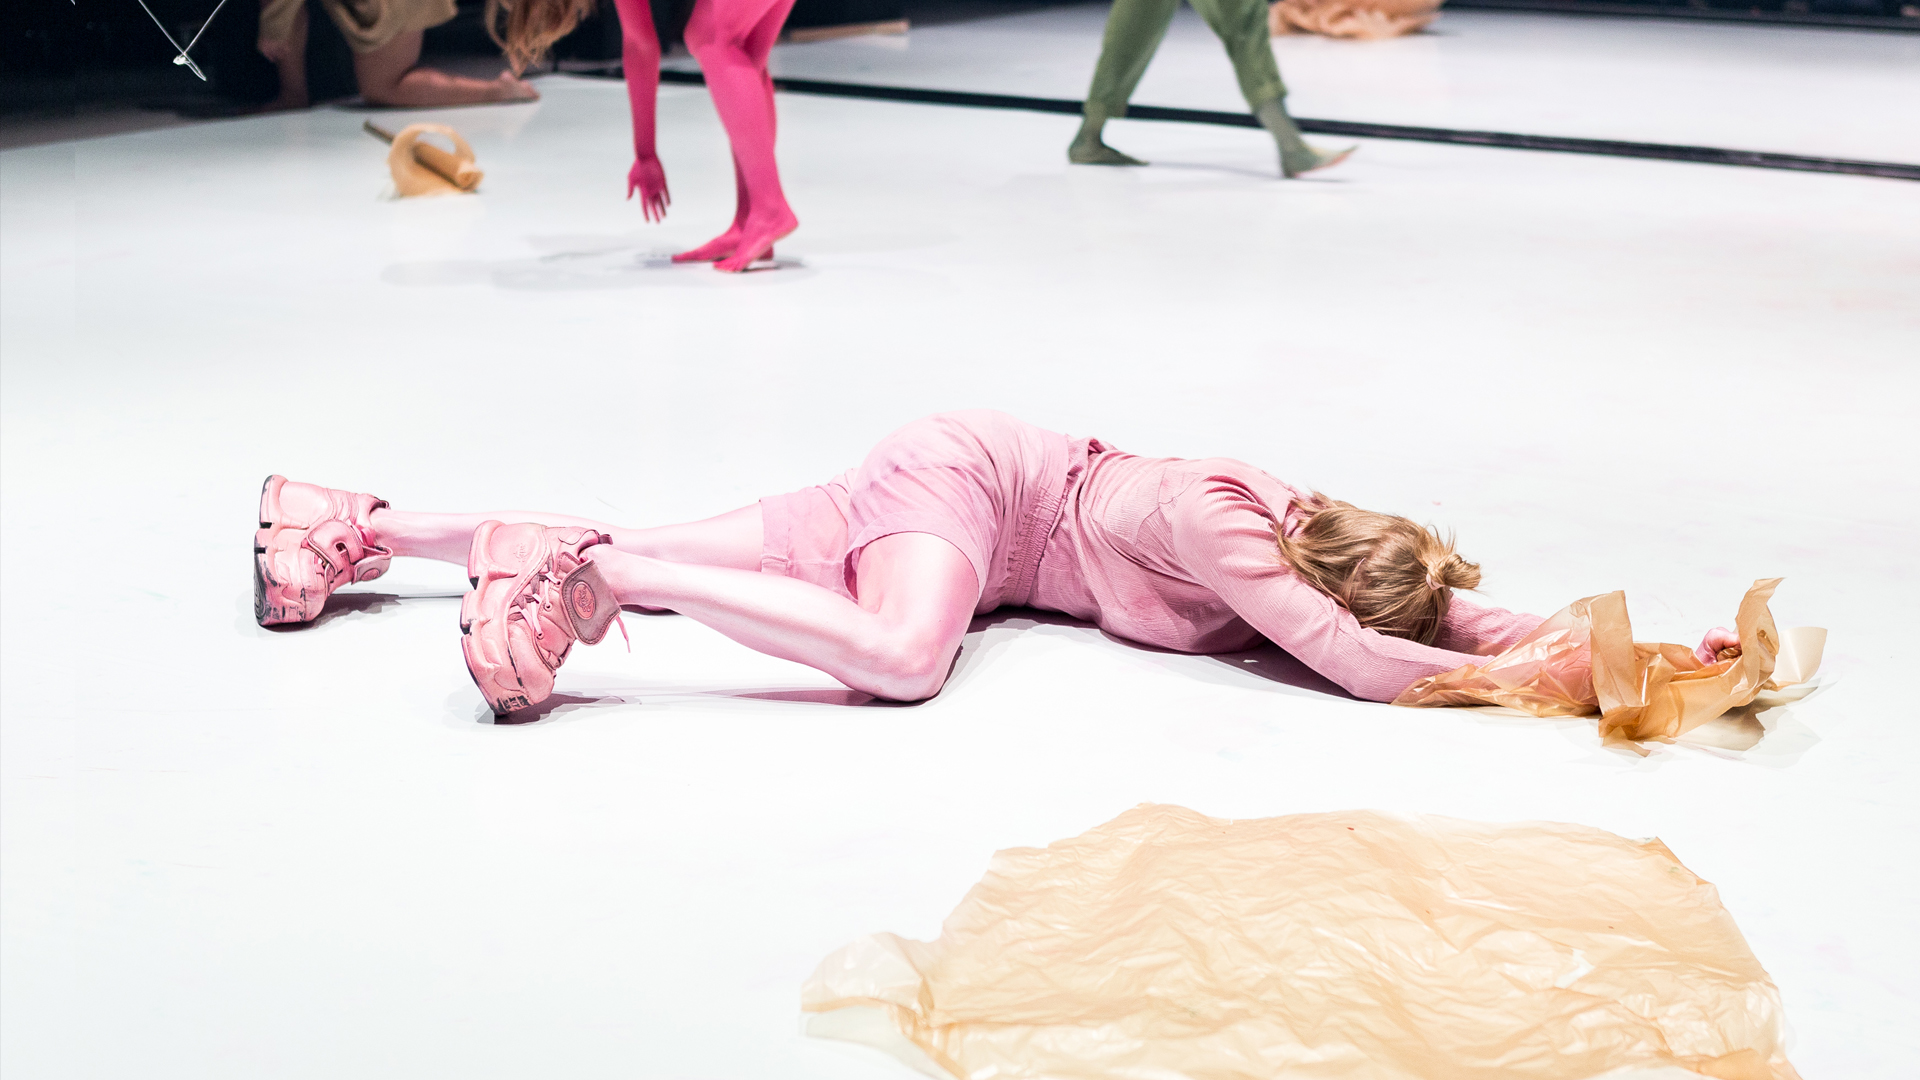 Vaaleanpunaiseksi maalattu henkilö makaa kasvot alaspäin lattialla.